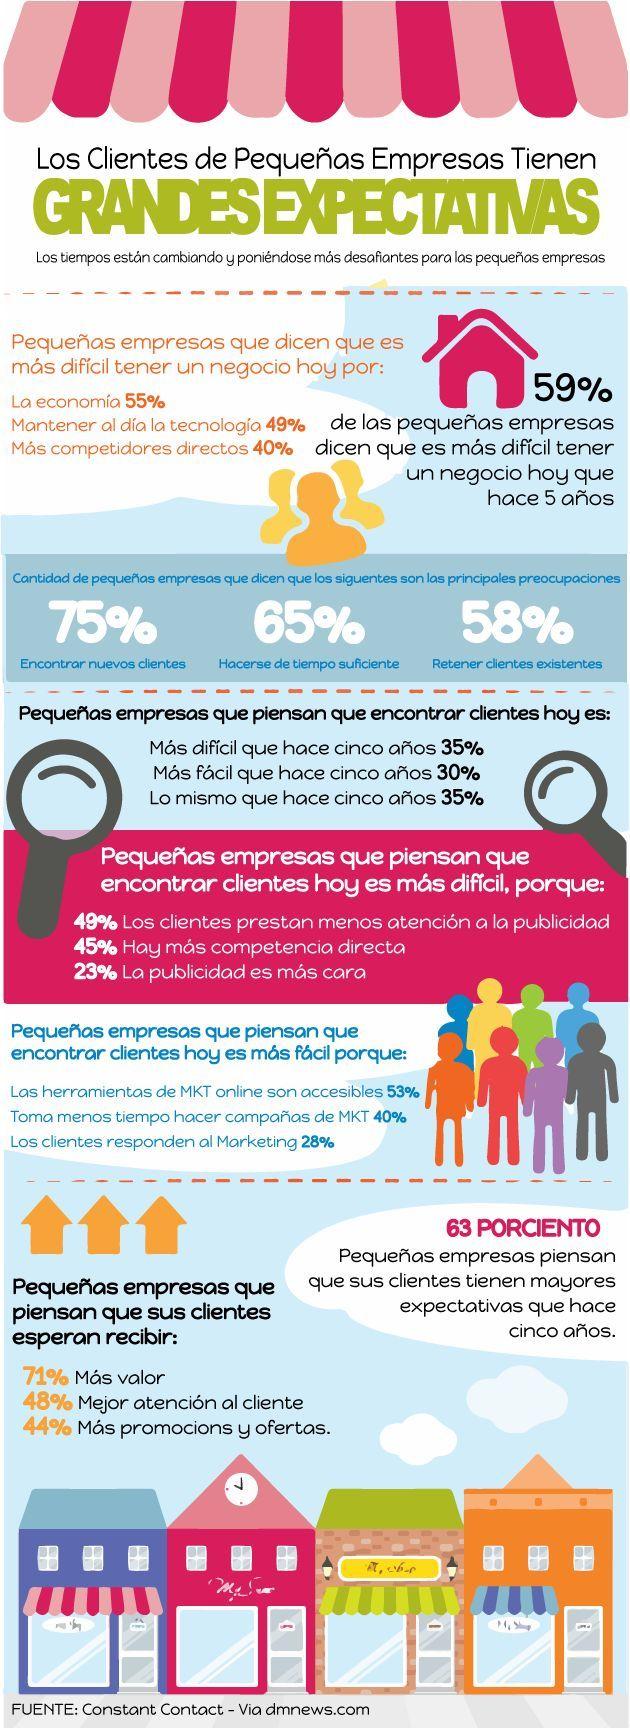 Las grandes expectativas de los clientes de pequeñas empresas #emprendedores #estudiantes #umayor